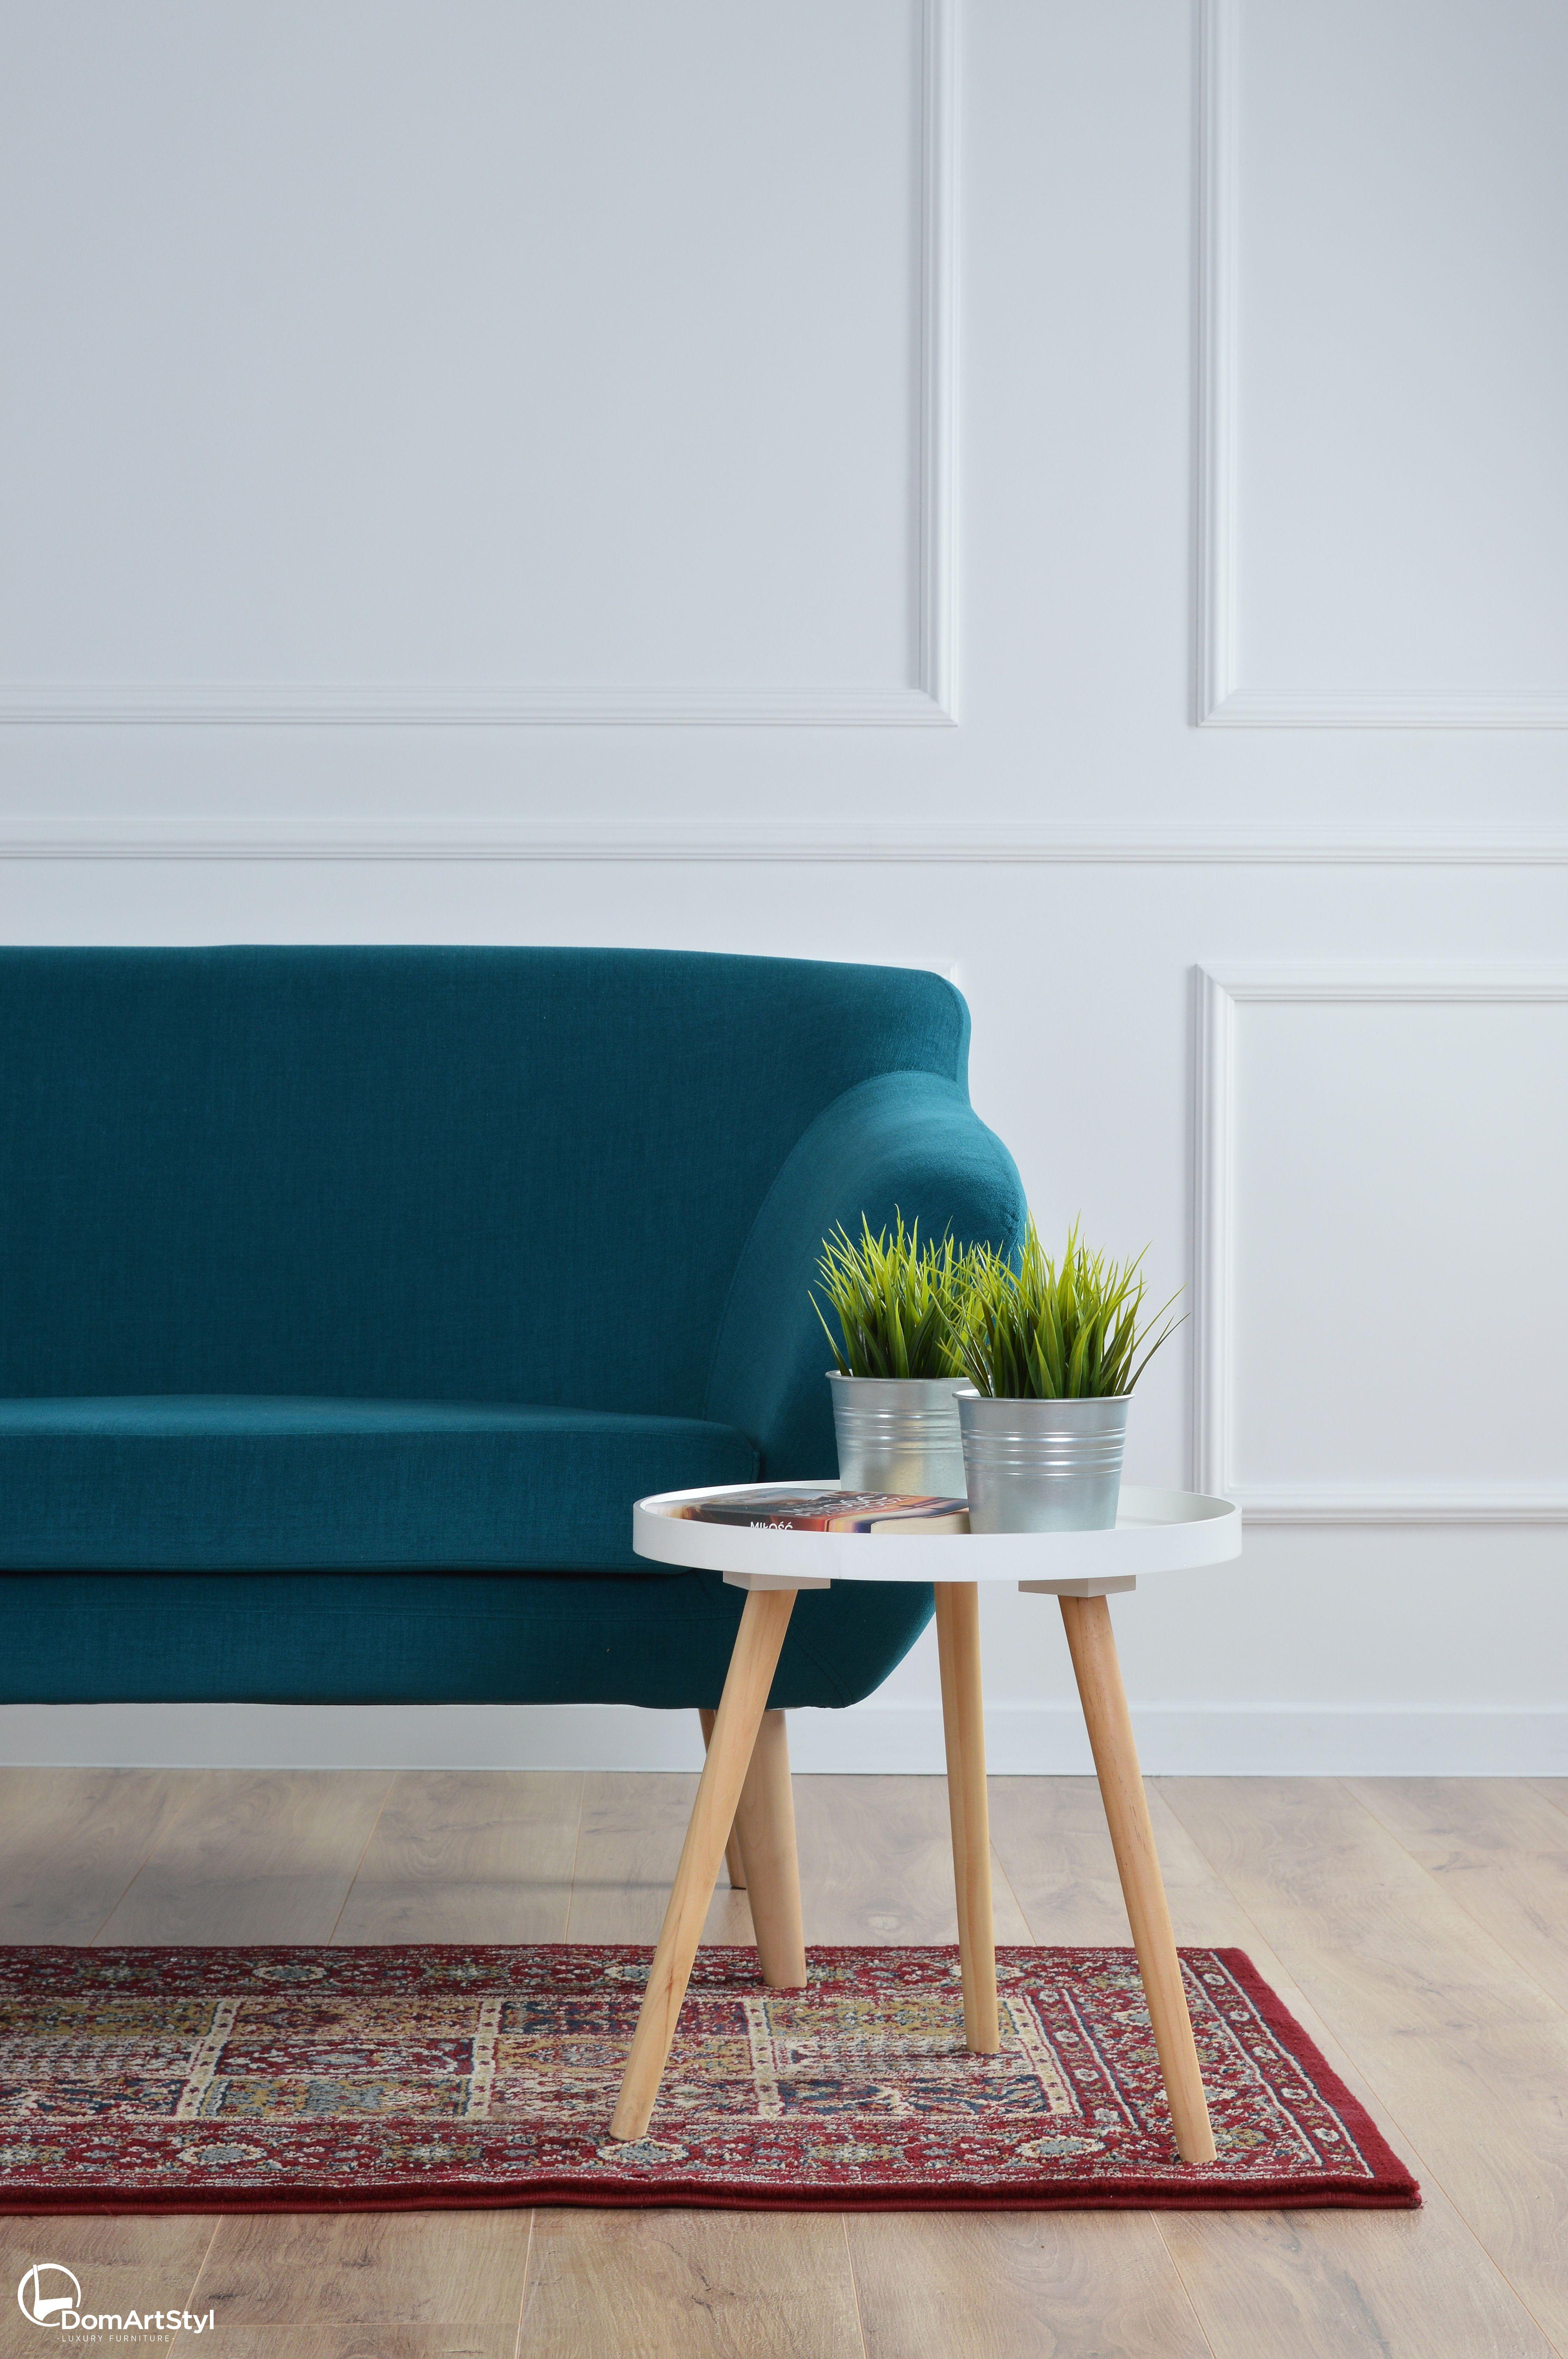 Sofa TITINO II 😊 Mebel wykonany w stylu skandynawskim. Dzięki wysokiej jakości materiałom jest bardzo wygodna i komfortowa. Świetnie spełnia swoją praktyczną funkcję i dodatkowo ozdabia wnętrze! #mebletapicerowane #wnetrzazesmakiem #aranzacjawnetrz #wnętrza #wystrojwnetrz #architekturawnetrz #kanapa #sofa #domoweinspiracje #sofadesign #furnitureforhome #scandisofa #scandiinterior #scandinavisch #scandinavischwonen #interieur123 #interieuraddict #interieurjunkie #scandinavehome #decointerieur